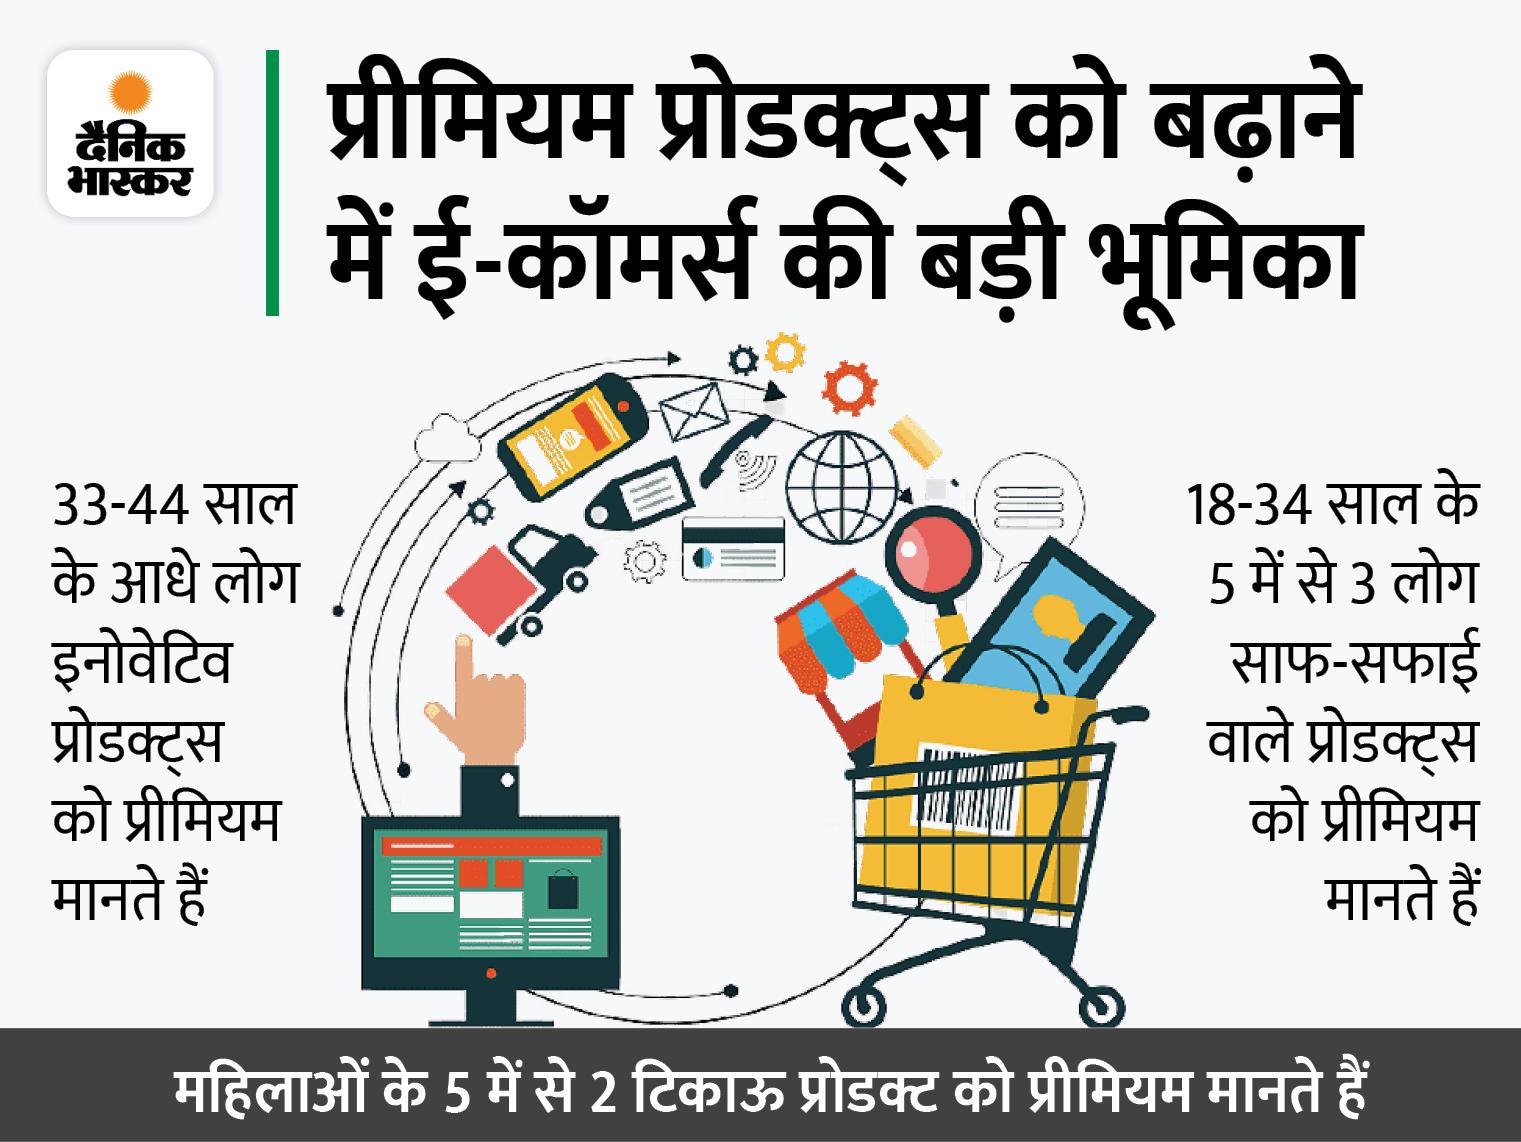 बेहतर प्रोडक्ट के लिए ज्यादा कीमत देने को तैयार लोग, बढ़ रही प्रीमियम प्रोडक्ट्स की मांग|बिजनेस,Business - Dainik Bhaskar